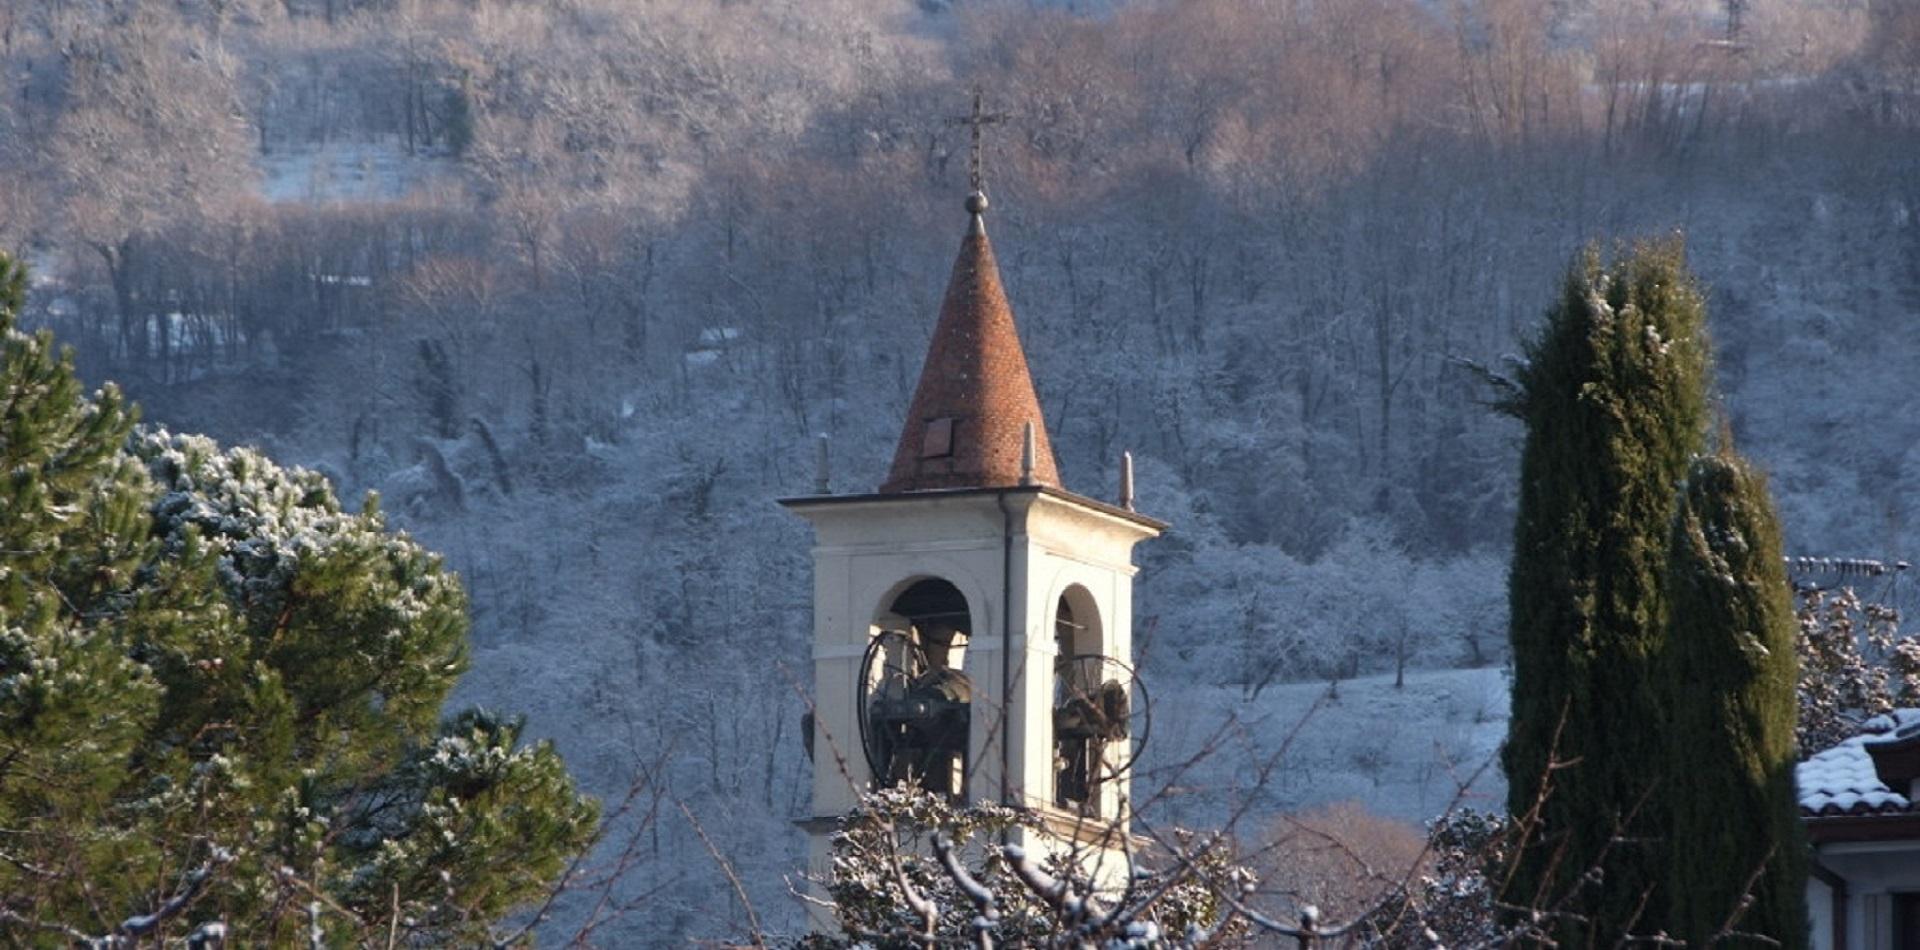 San-Lorenzo-campanile-neve1-prova